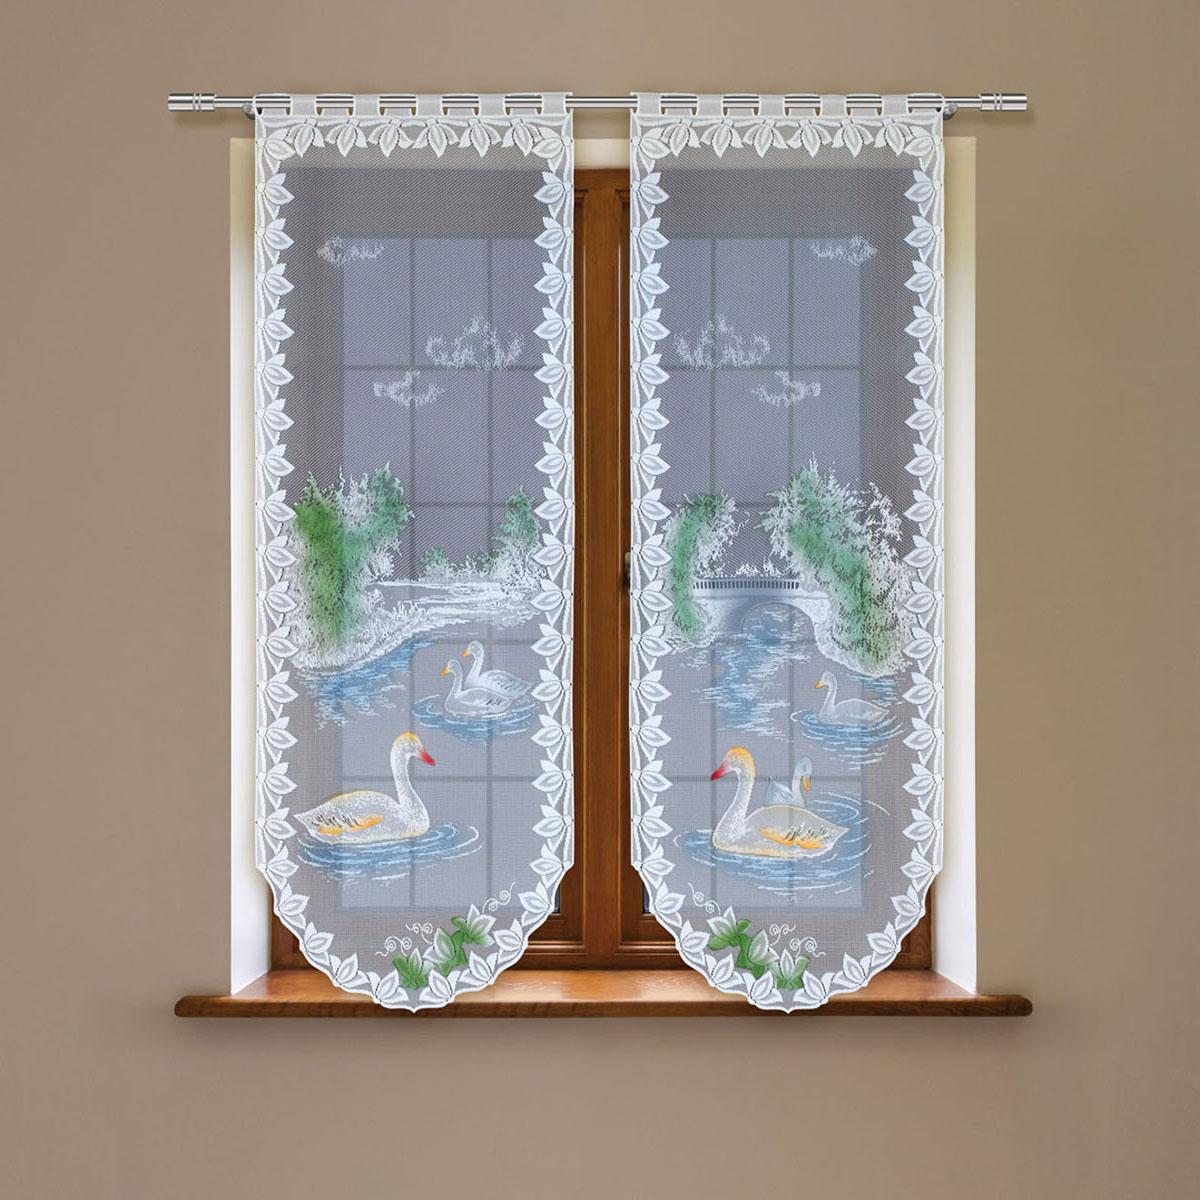 Гардина Haft, цвет: белый, высота 120 см. 4243D/604243D/60Гардина имеет в верхней части полотна прорези, через которые гардина-витраж вывешивается на карниз или можно крепить на зажим для штор,котрый в комплект не входит.Комплект состоит из двух полотен (выс.120* шир.60) Размеры: (высота 120* ширина 60)*2